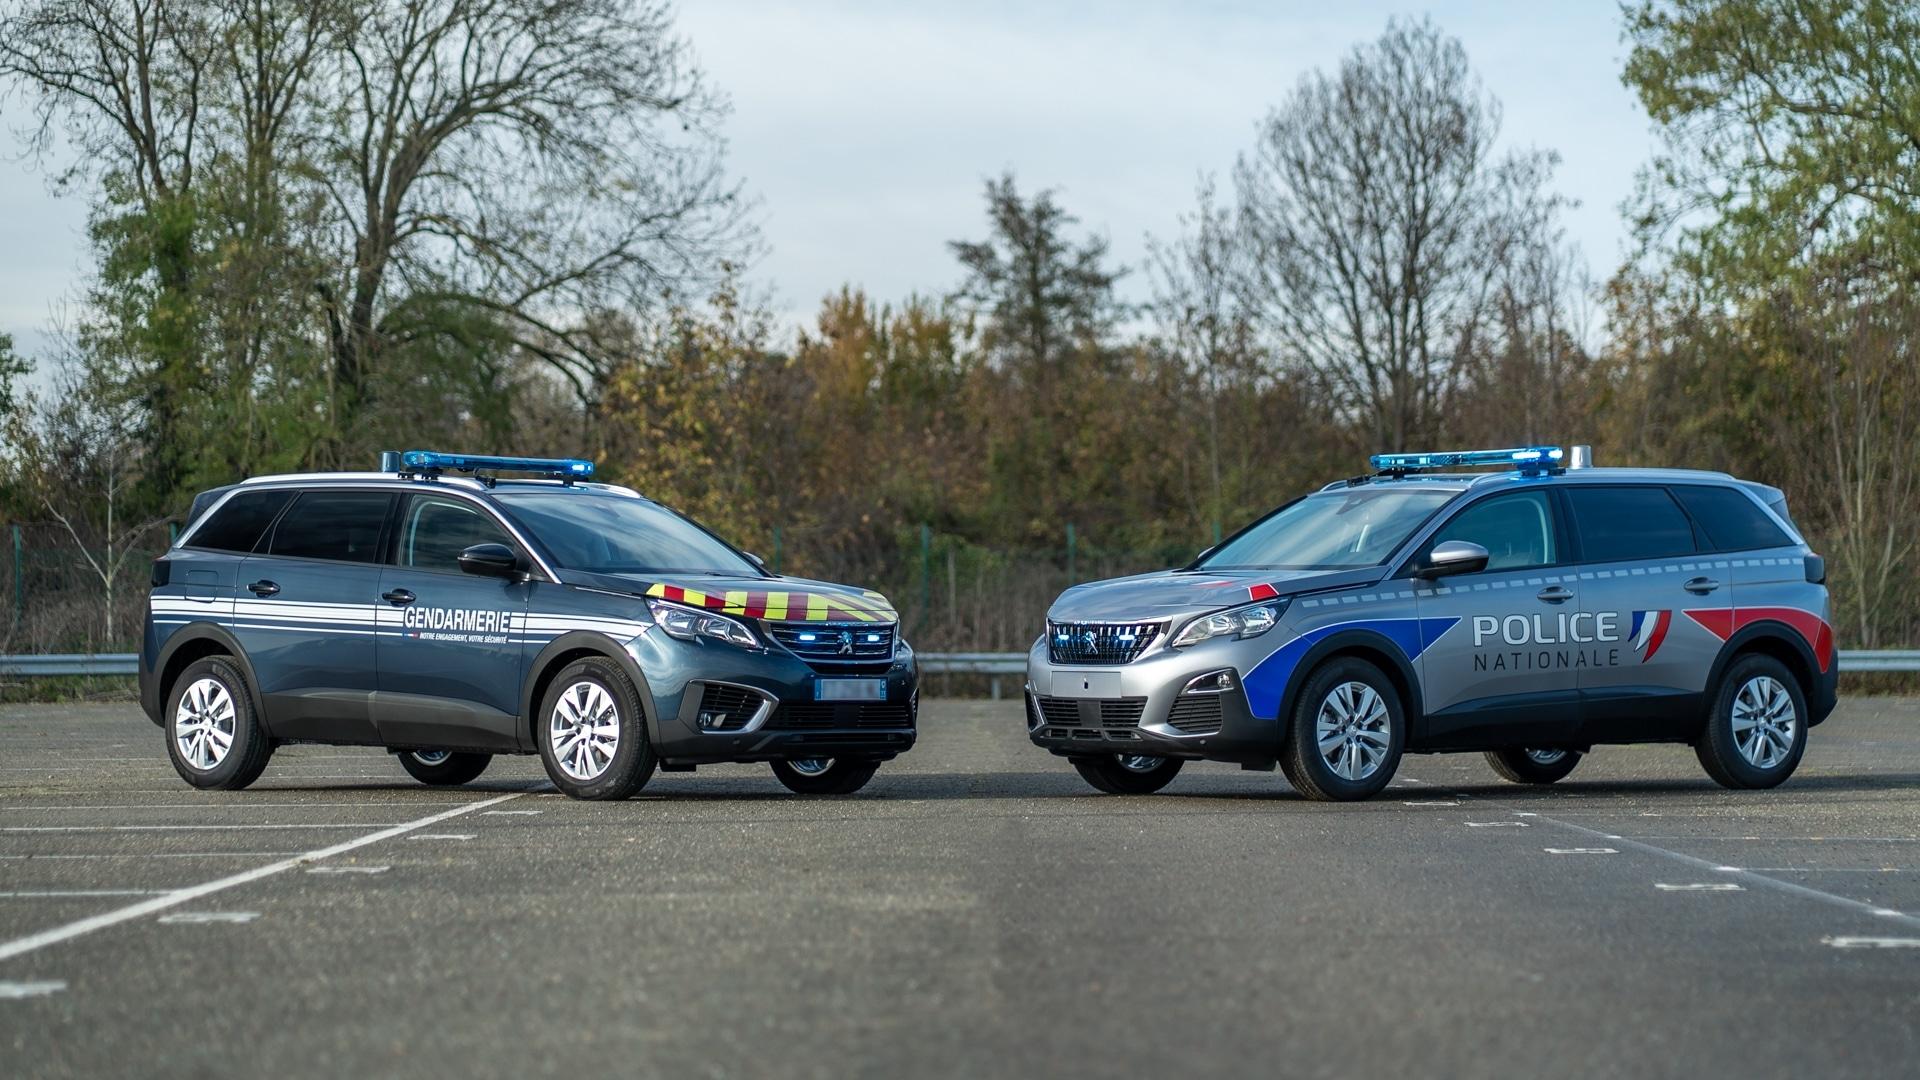 Police et gendarmerie. L'État commande 1 260 Peugeot 5008 fabriqués à Rennes et Sochaux